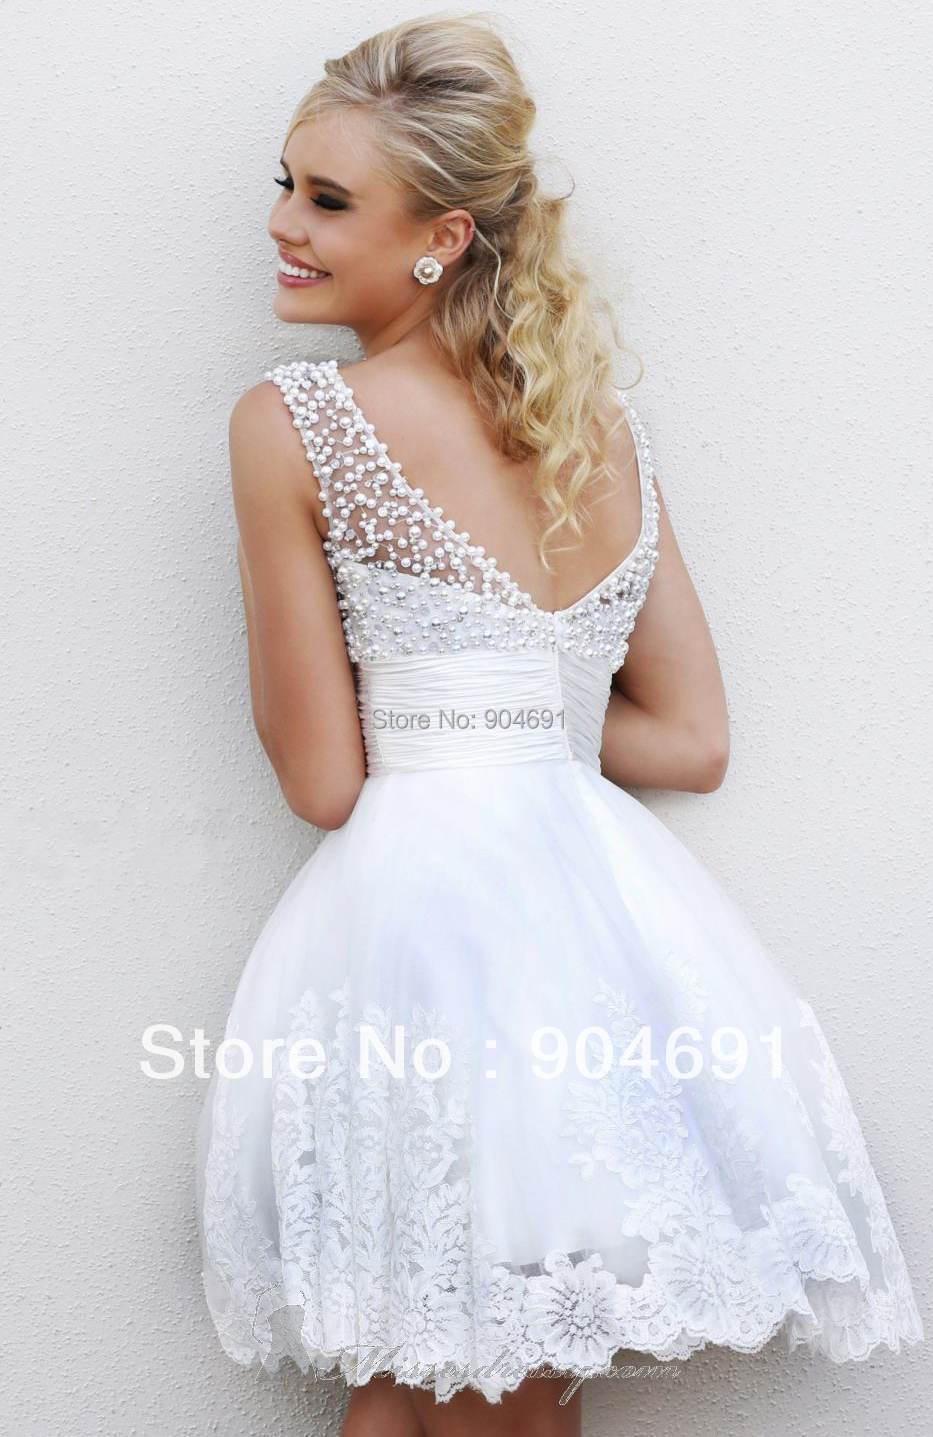 White Short Party Dress - Ocodea.com